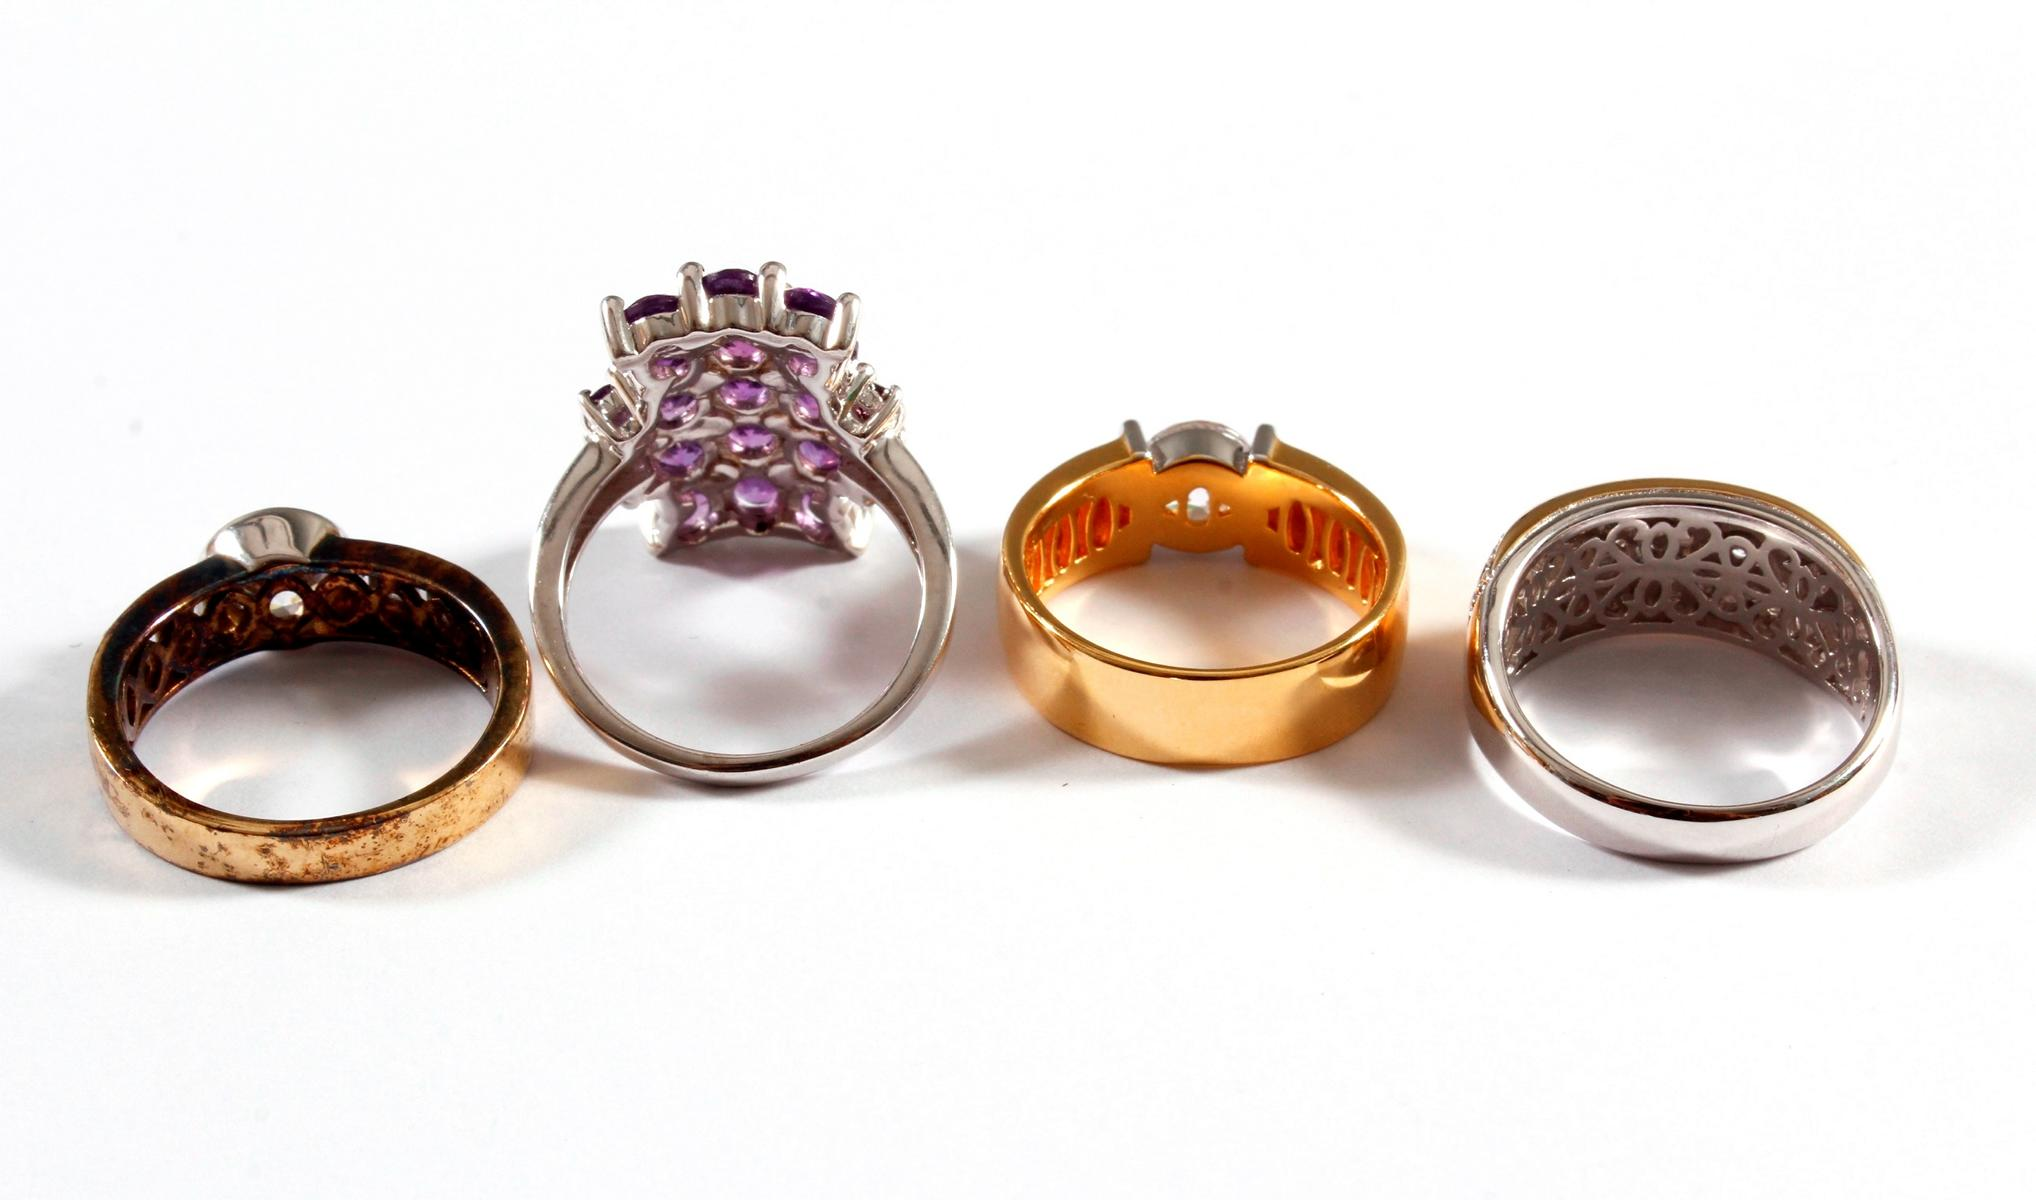 4 Silberringe mit Farb- und Glassteinen-2